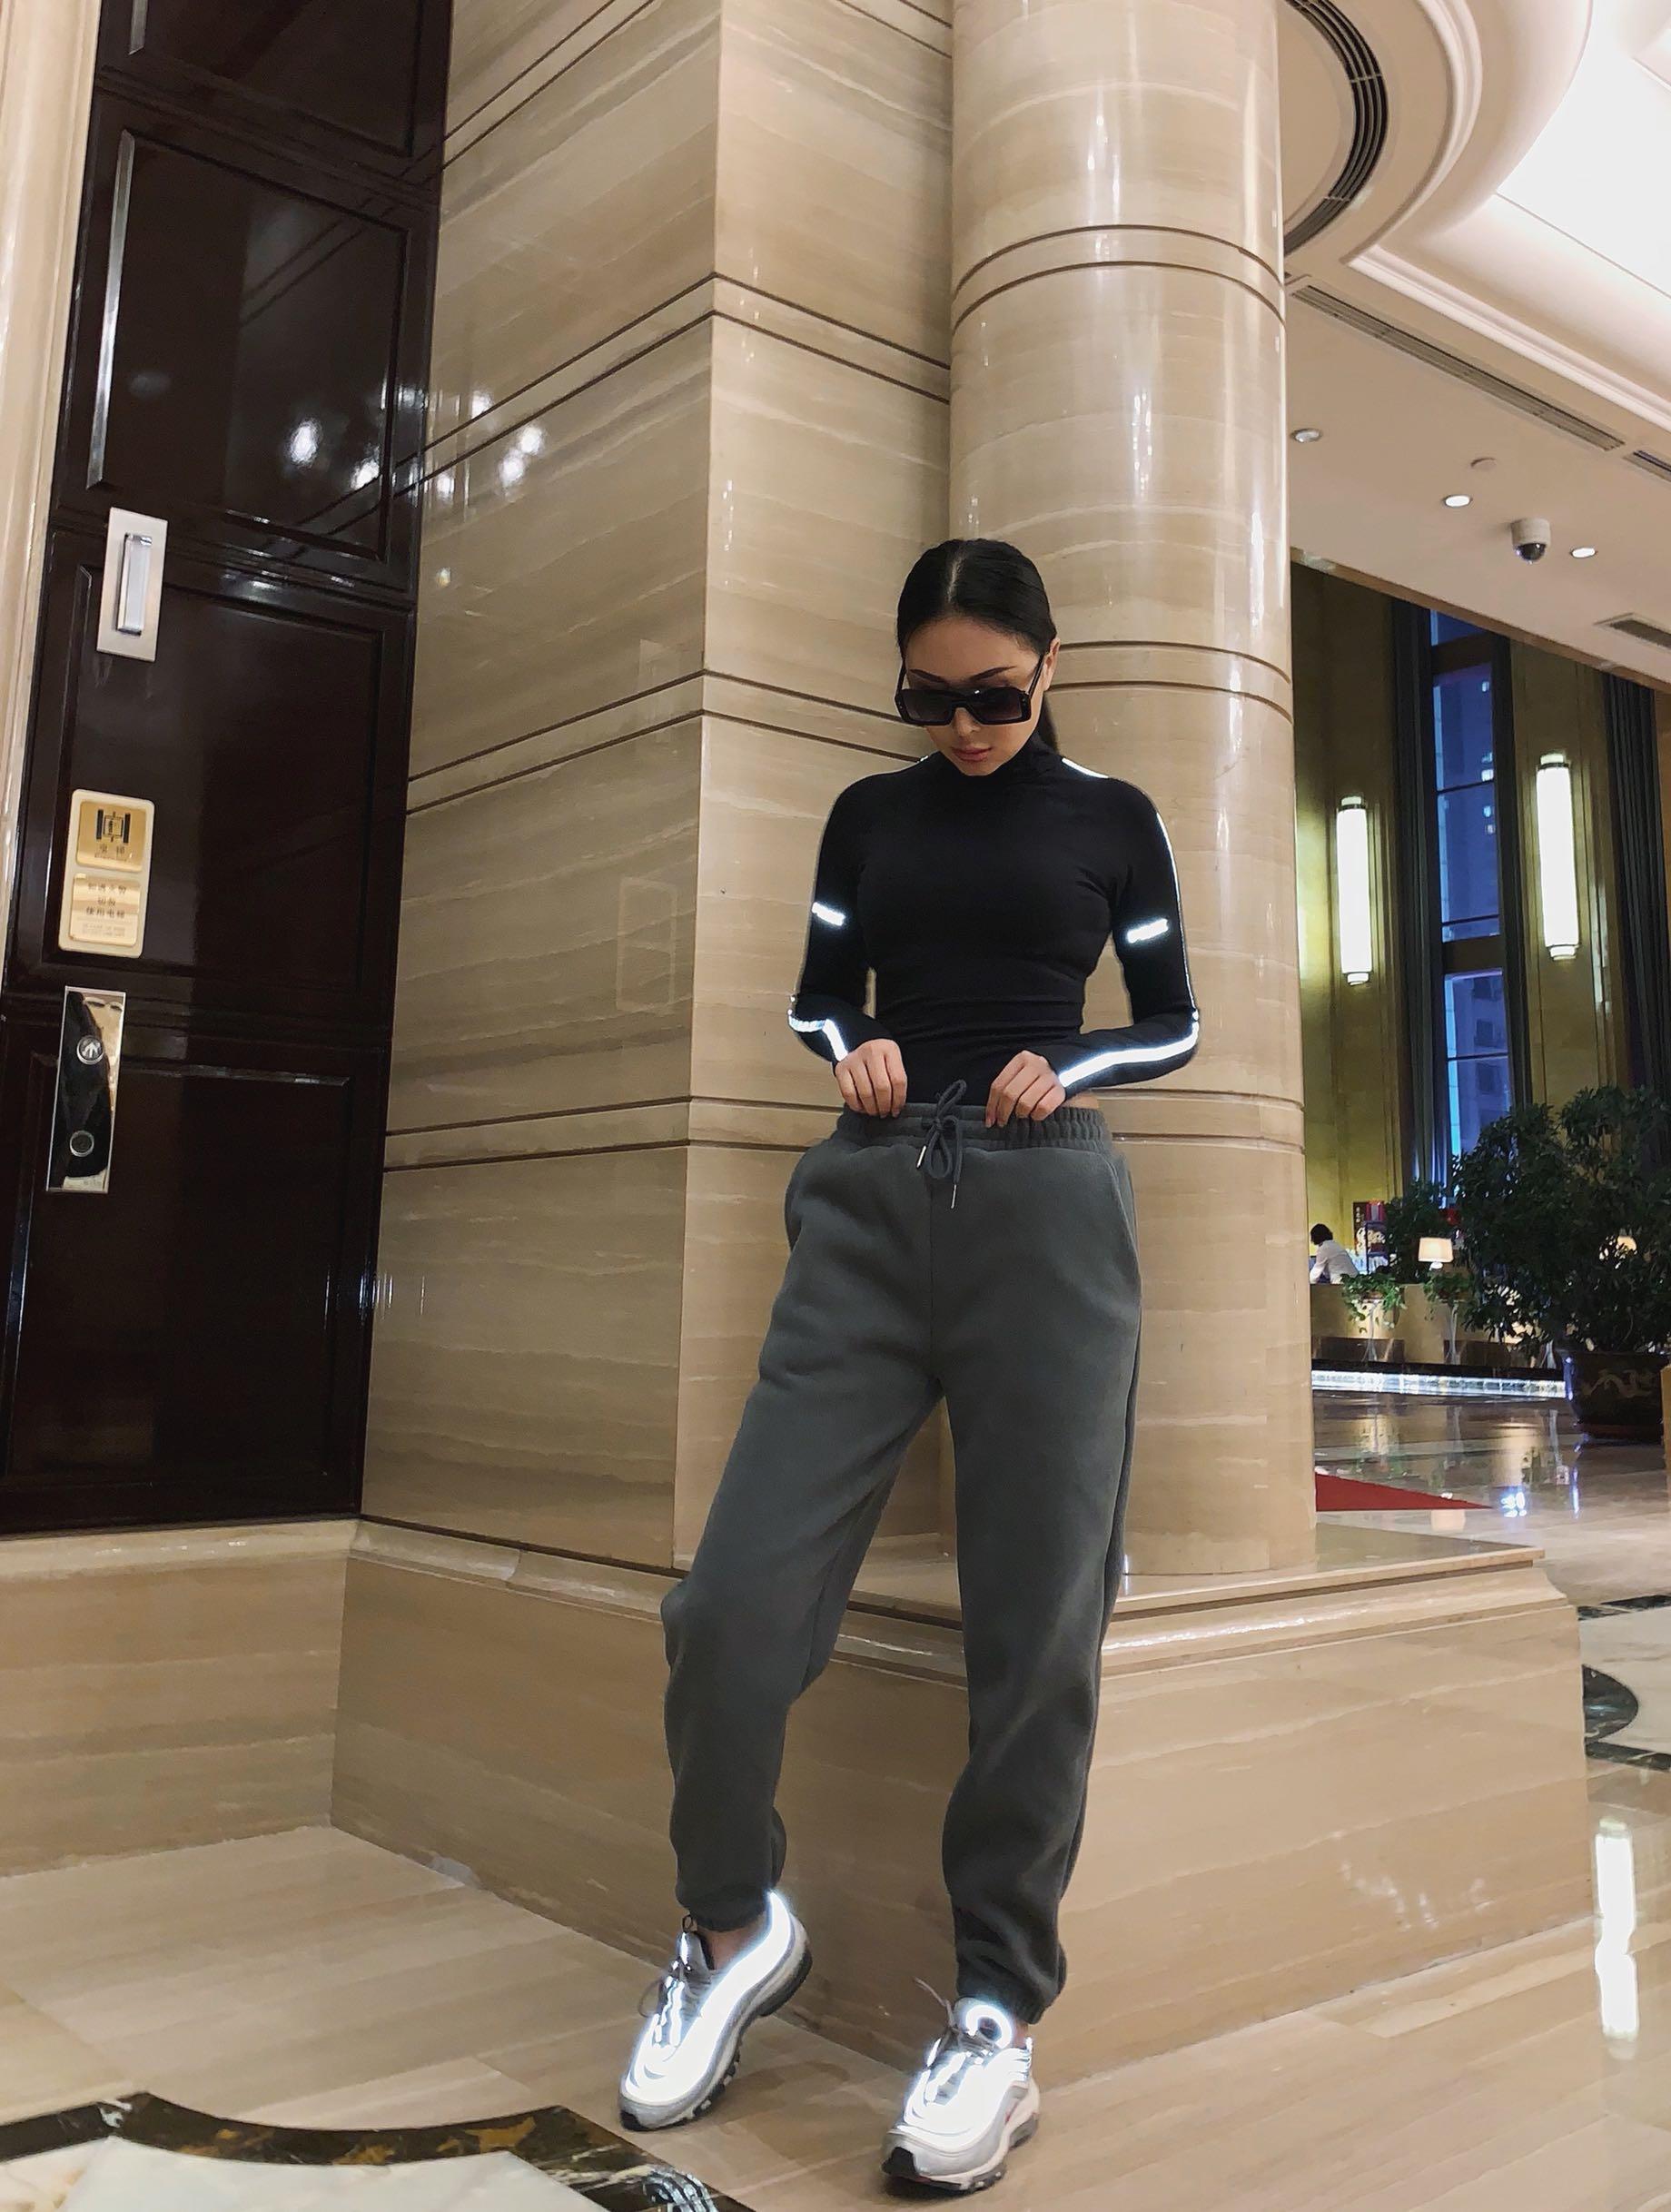 Las Elástica Color Cálido Europa 2018 Mujer De Sólido Promoción Pantalones Limitado Mujeres Invierno Cintura Y Oscuro América Gris Simple Casual Pantalon ZUqBxn